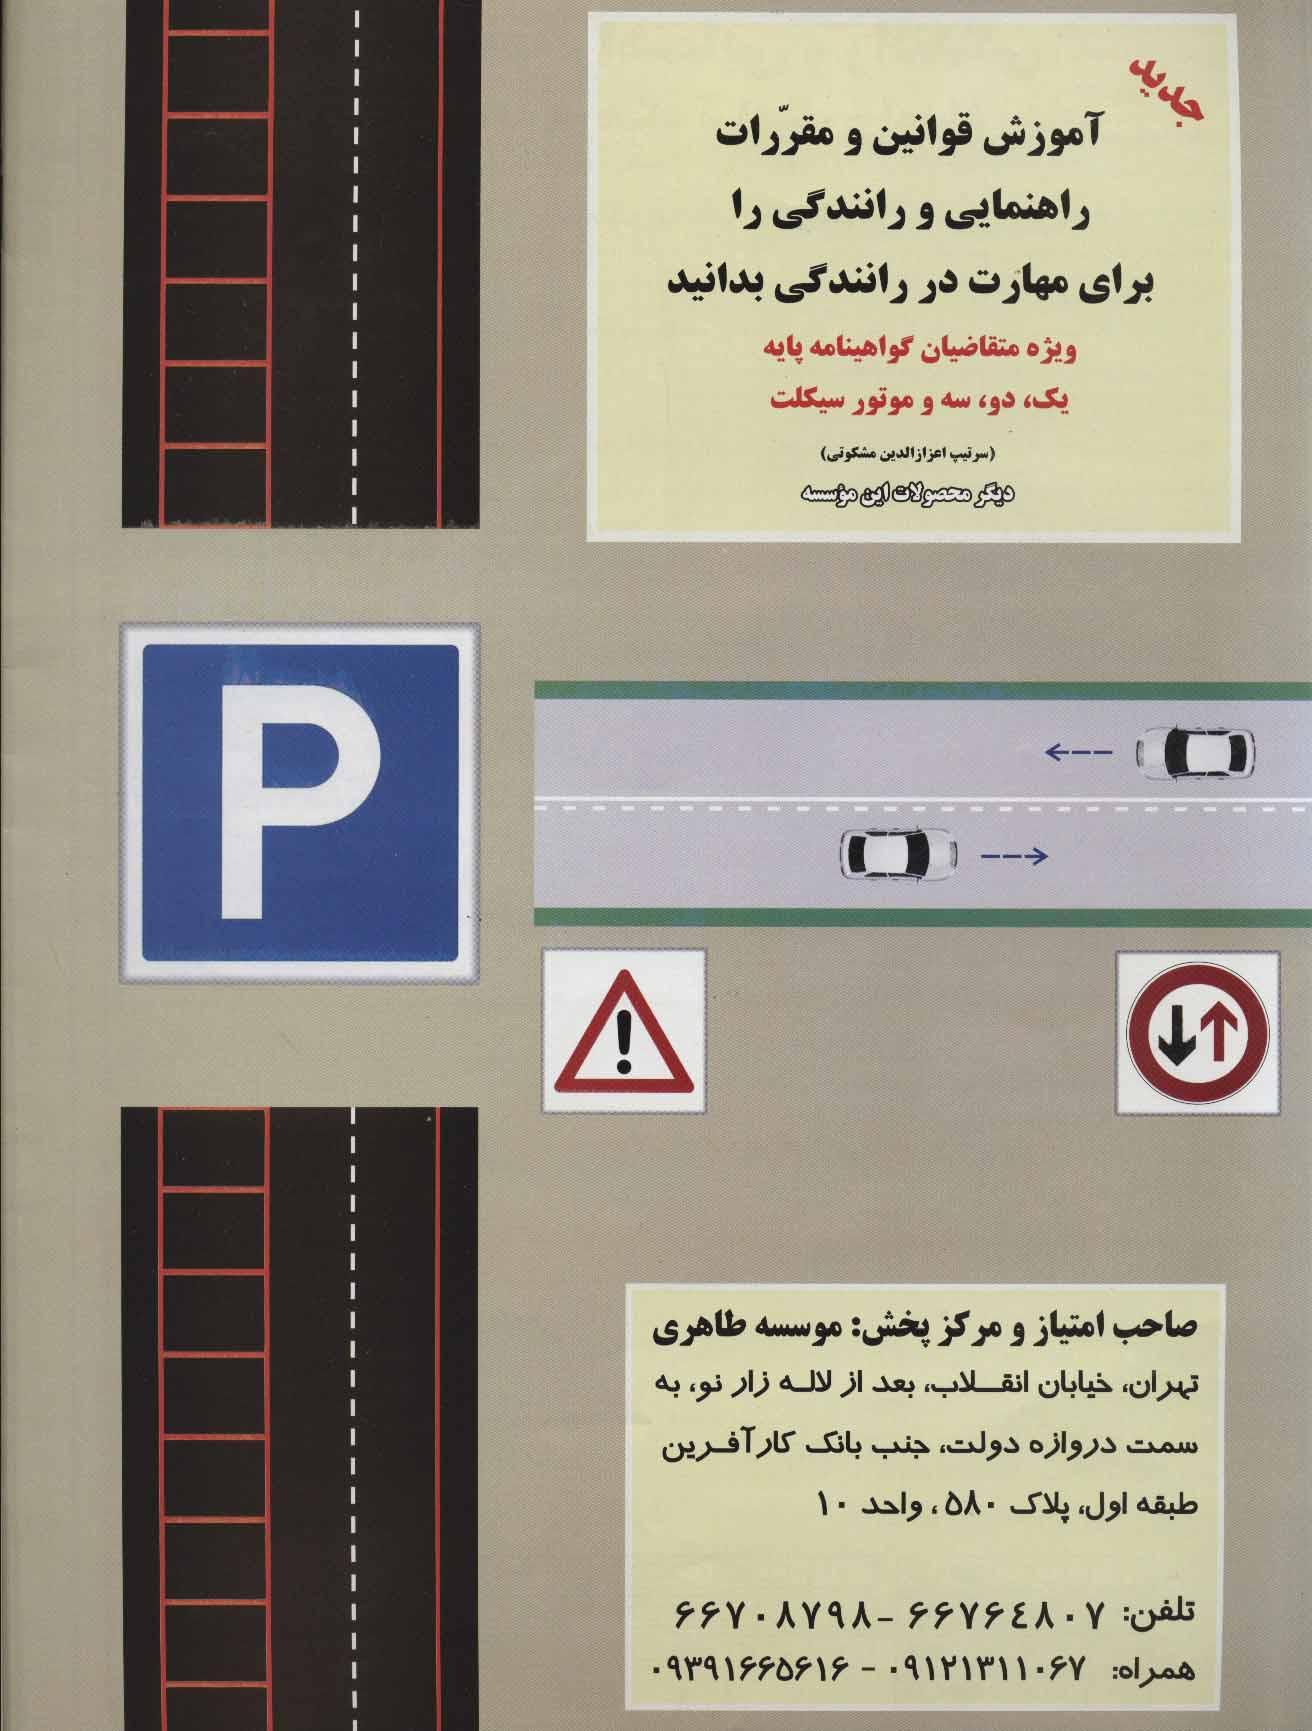 مجموعه آزمون های راهنمایی و رانندگی (ویژه متقاضیان پایه یک،دو،سه و موتور سیکلت)